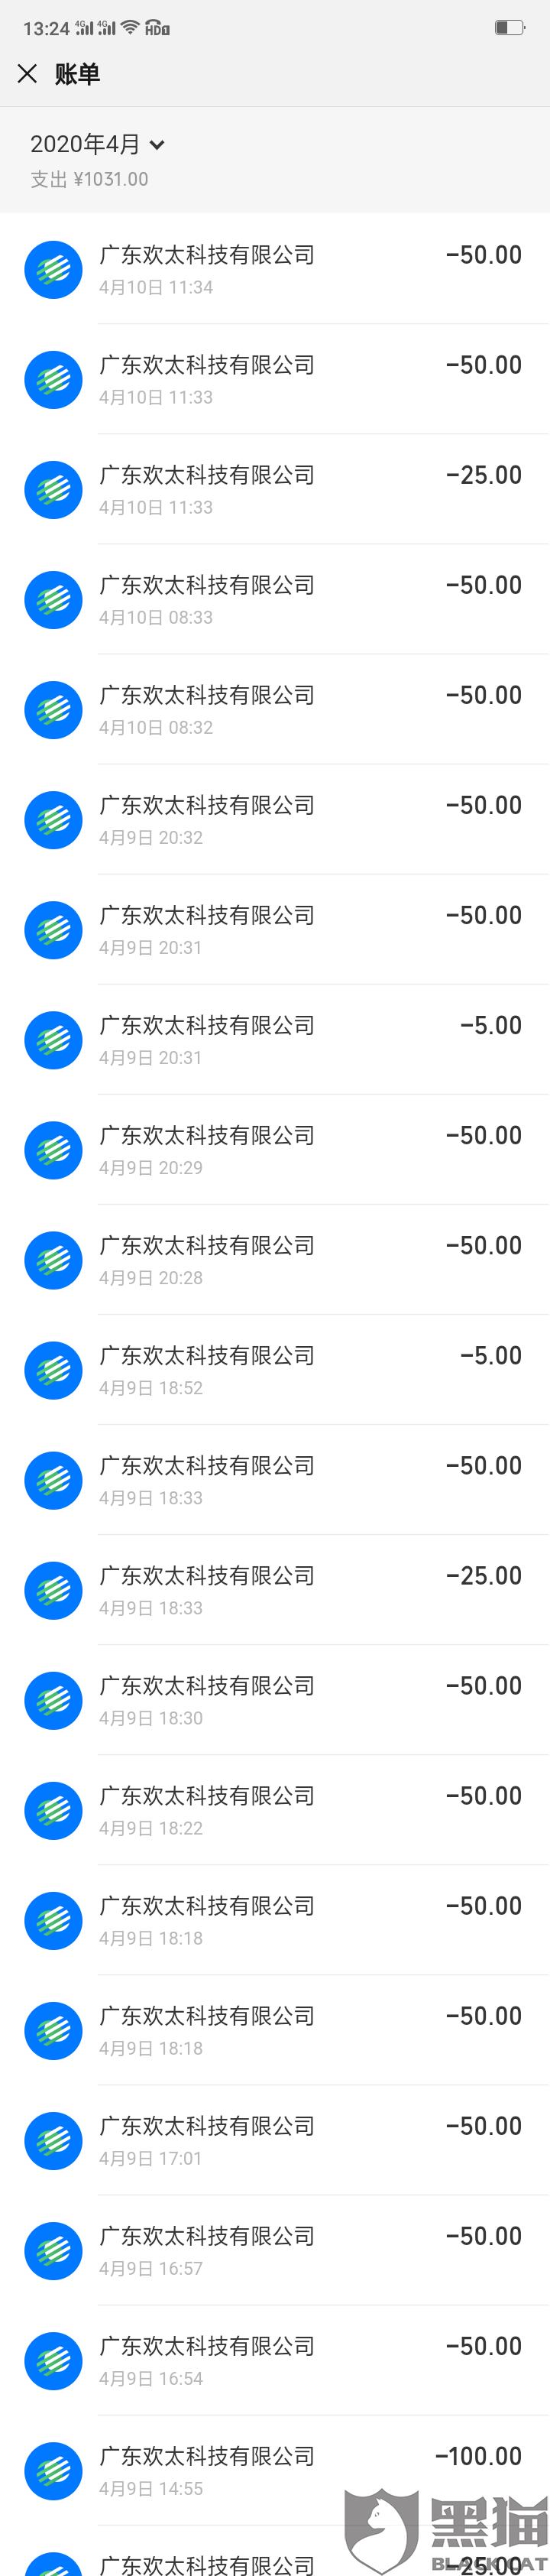 黑猫投诉:广东欢太科技有限公司乱扣费